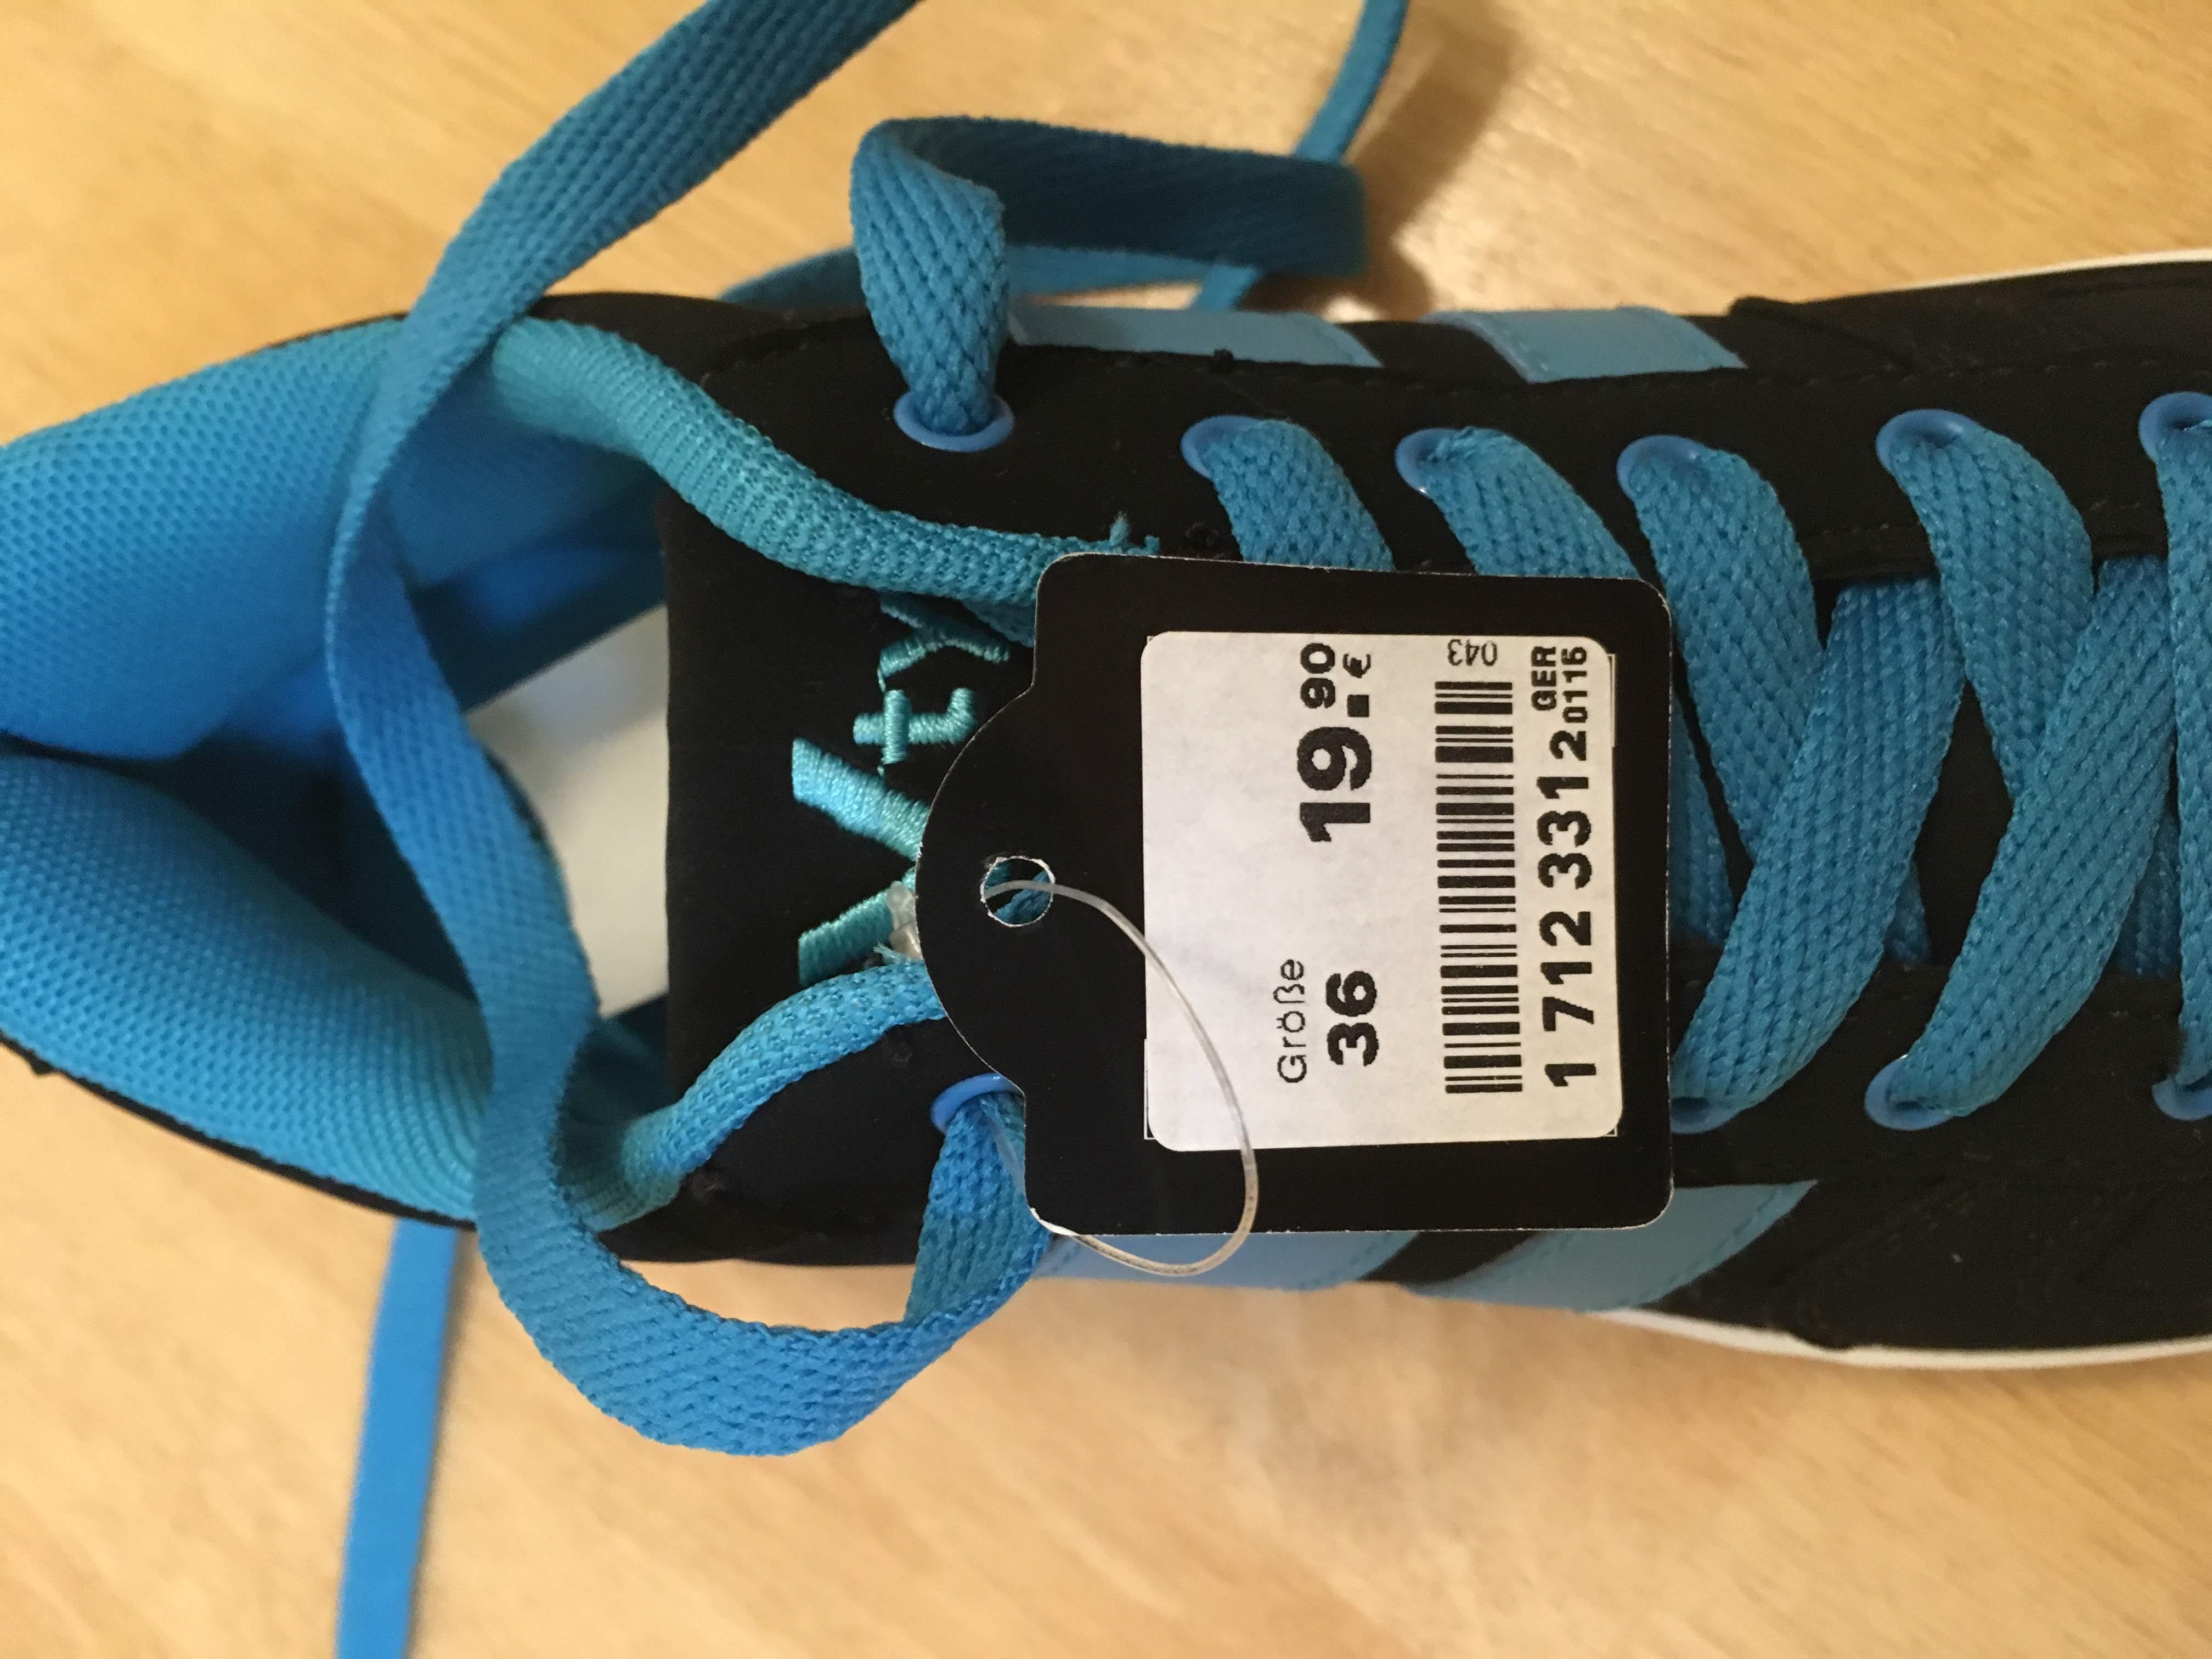 Bild Nummer 5 von Skaterschuhe, links 37, rechts 36, schwarz mit blau